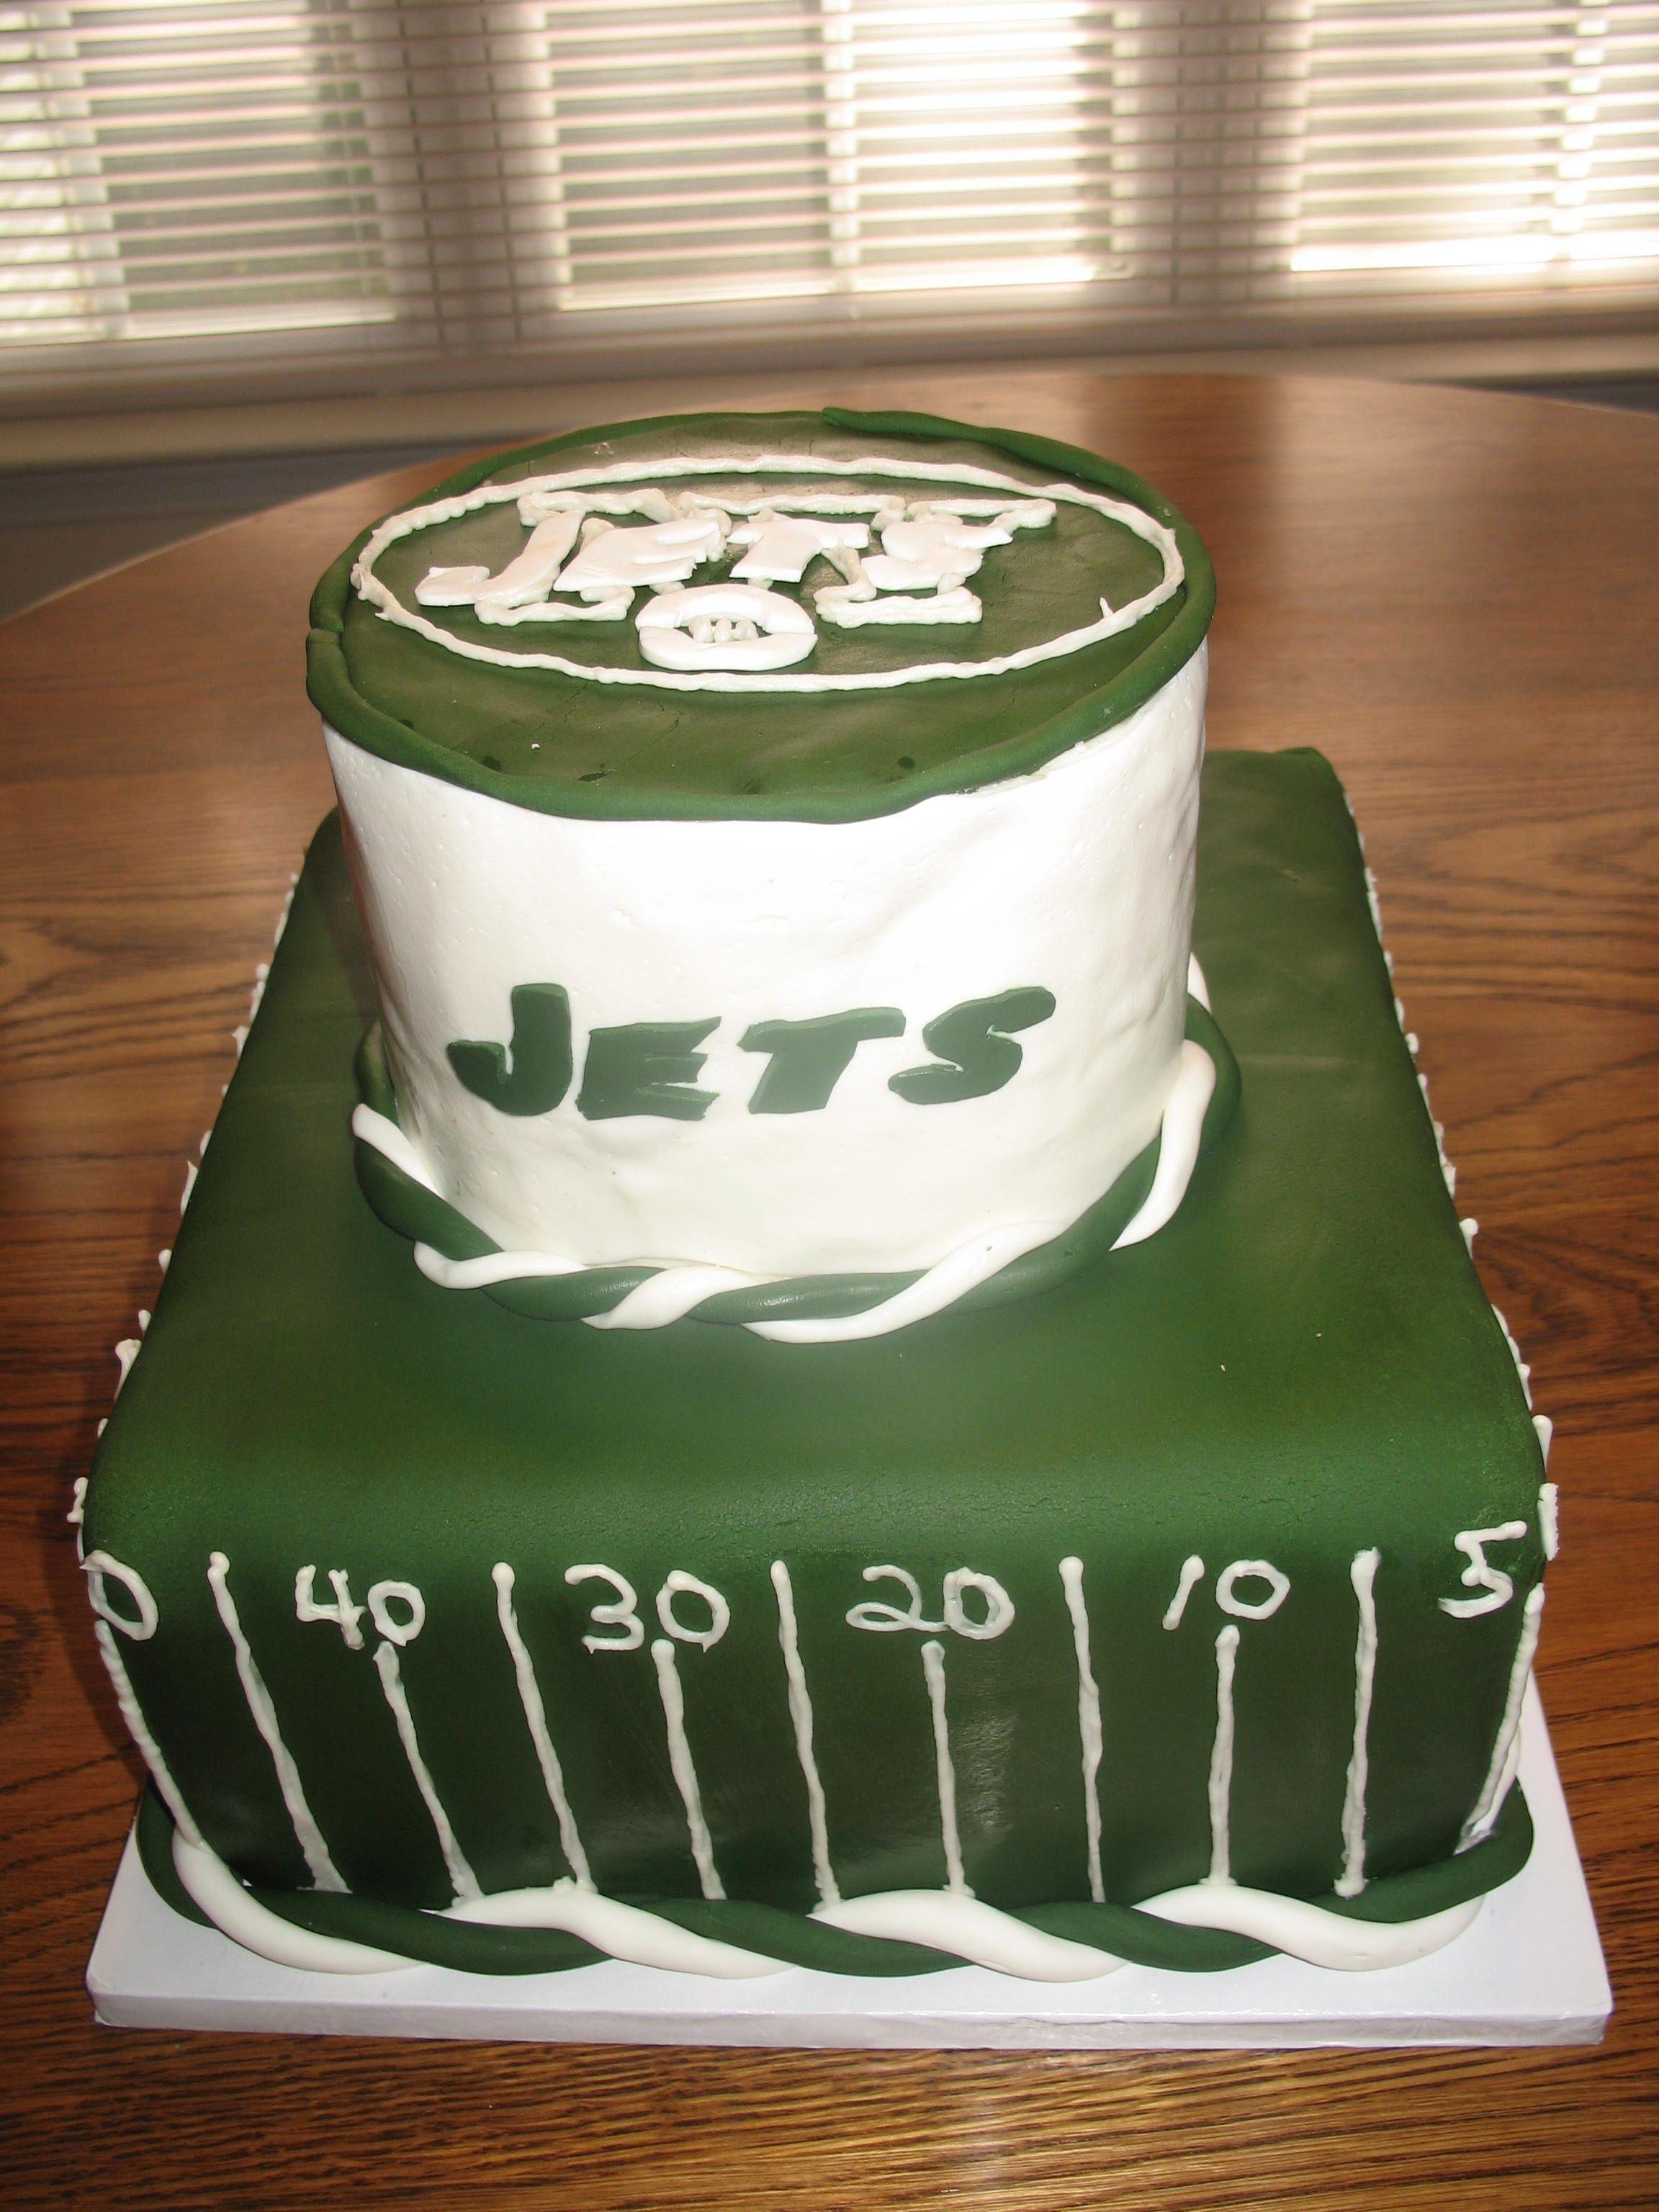 NY Jets cake wwwcheesecakeetcbiz wedding cakes Charlotte NC